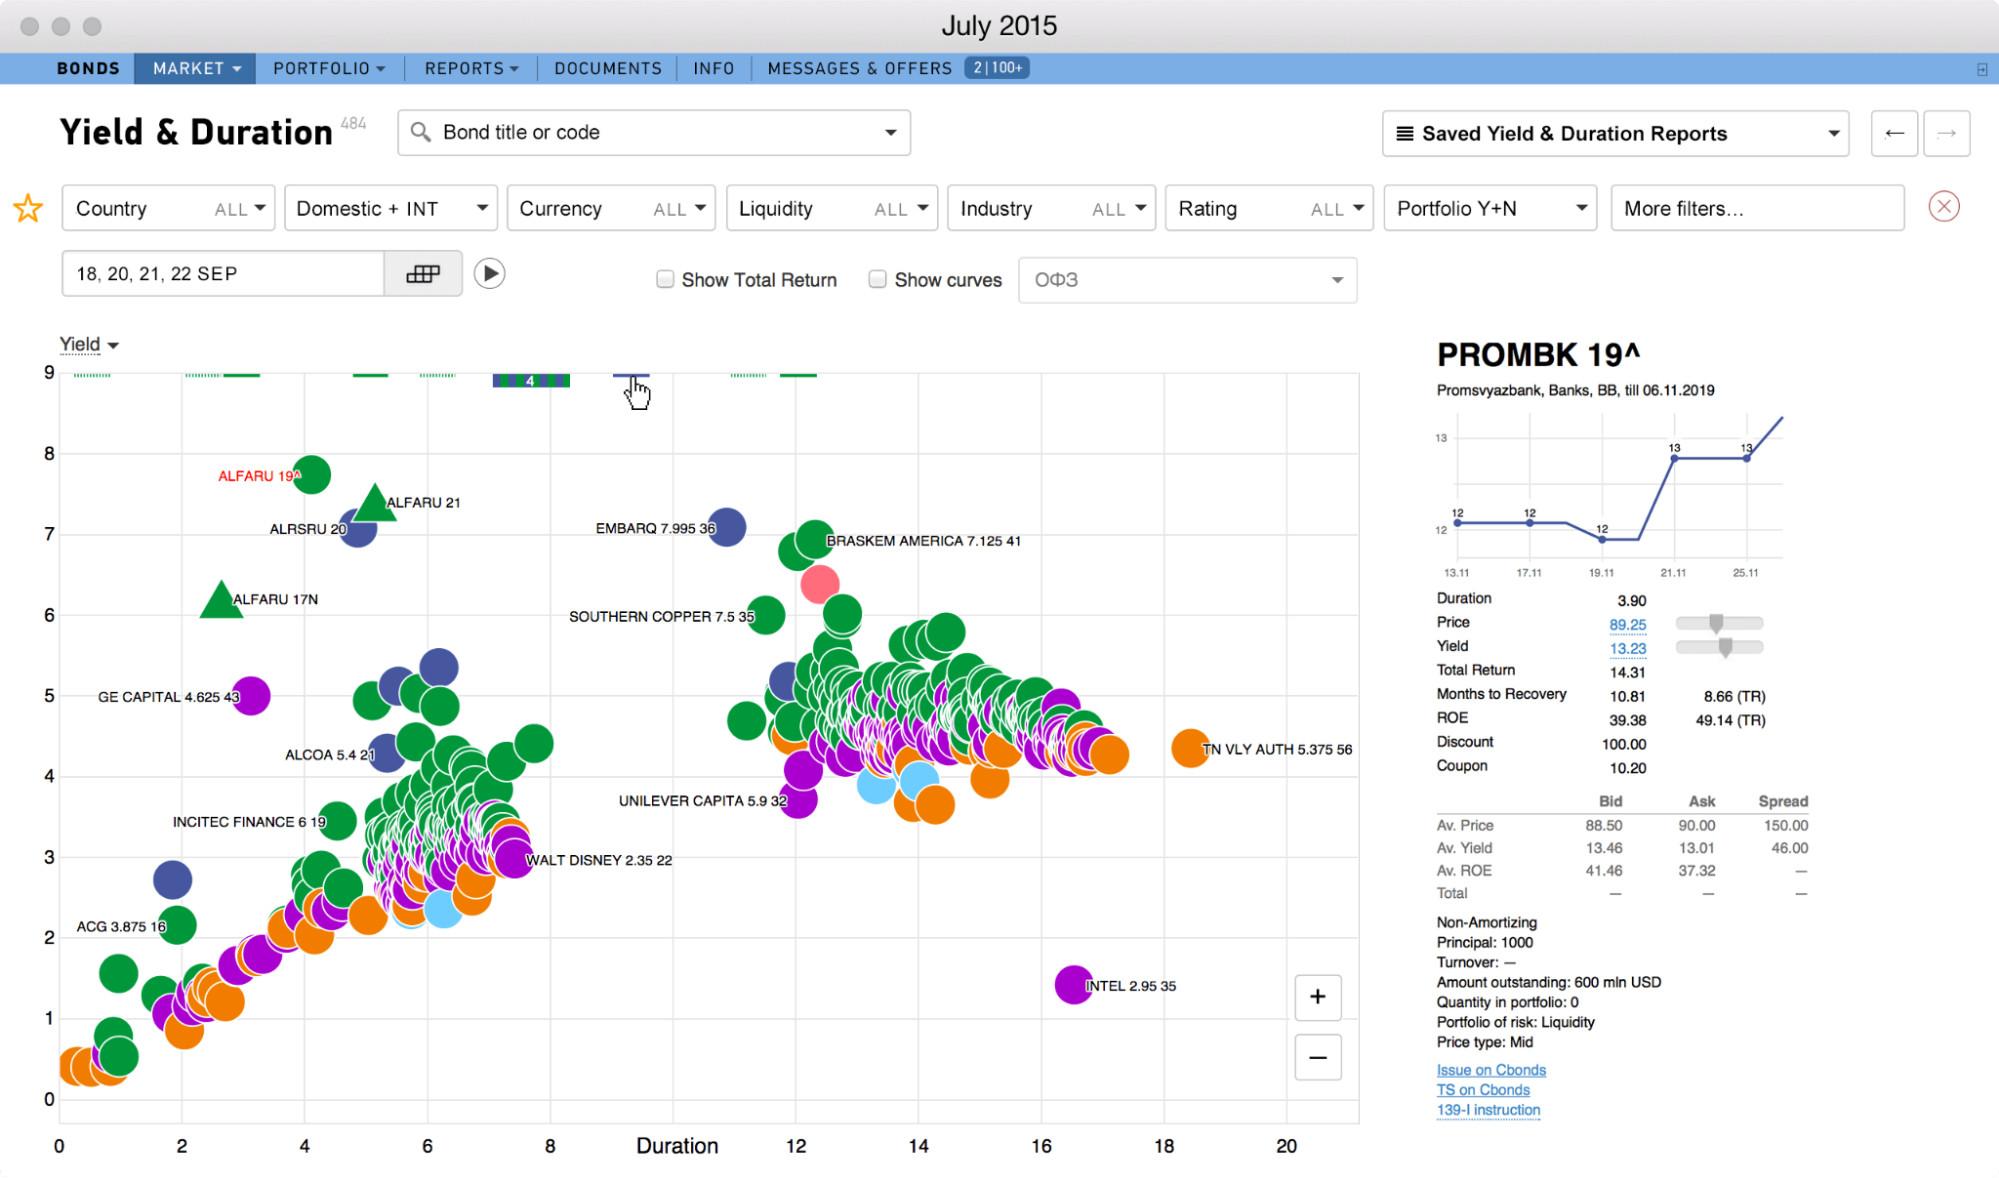 Сервис для анализа рынка ценных бумаг от «Лаборатории данных». Смотреть в высоком разрешении: https://datalaboratory.ru/projects/bonds